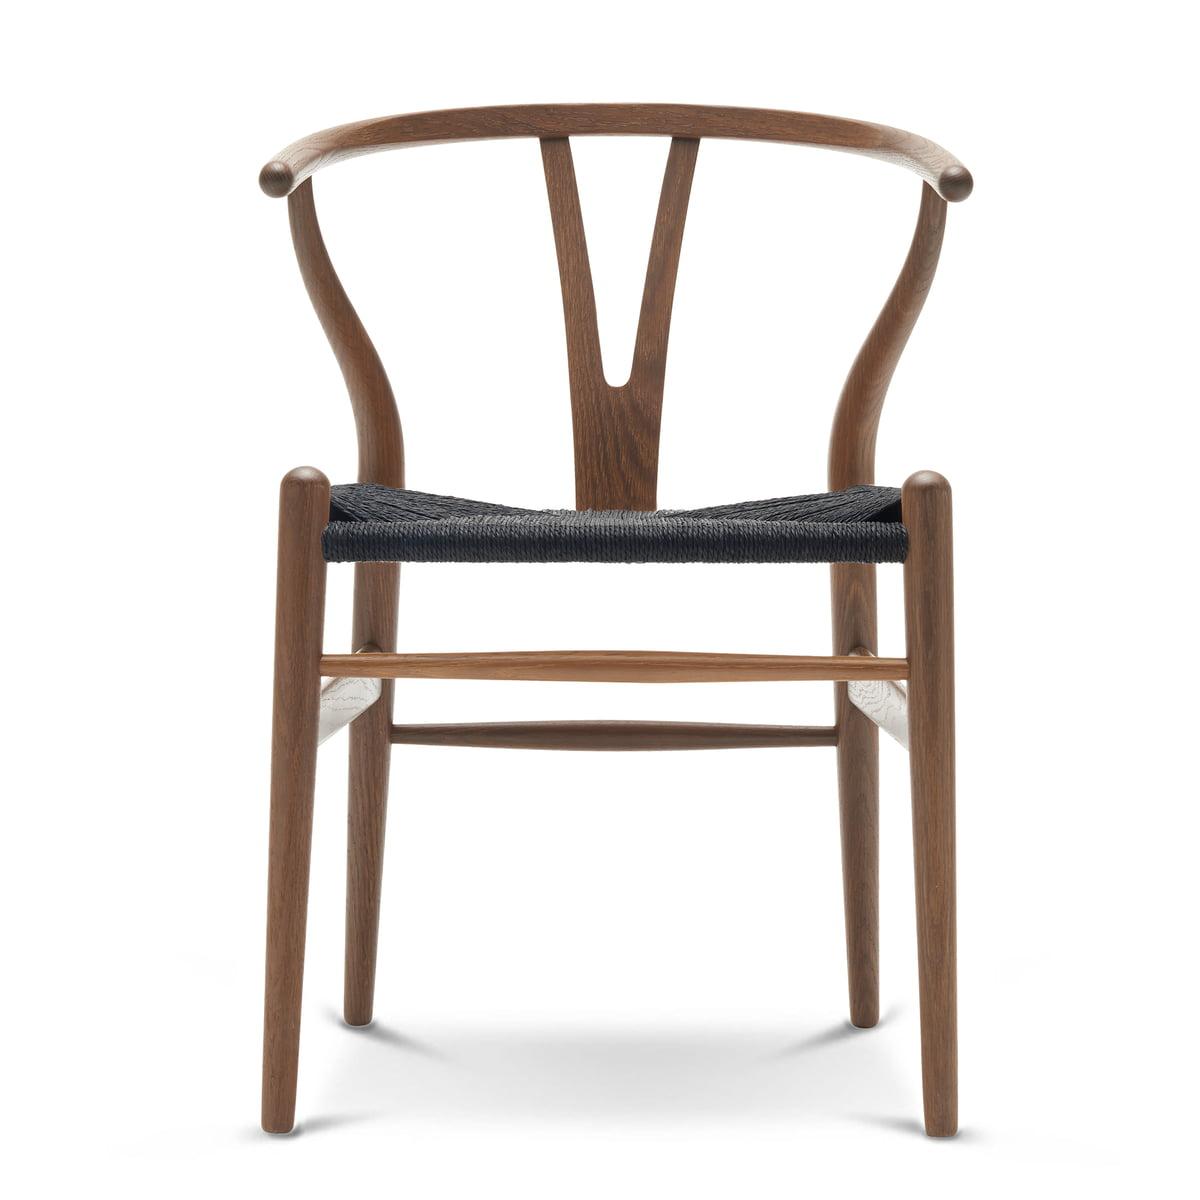 Carl Hansen - CH24 Wishbone Chair, Eiche geräuchert und geölt / schwarzes Geflecht